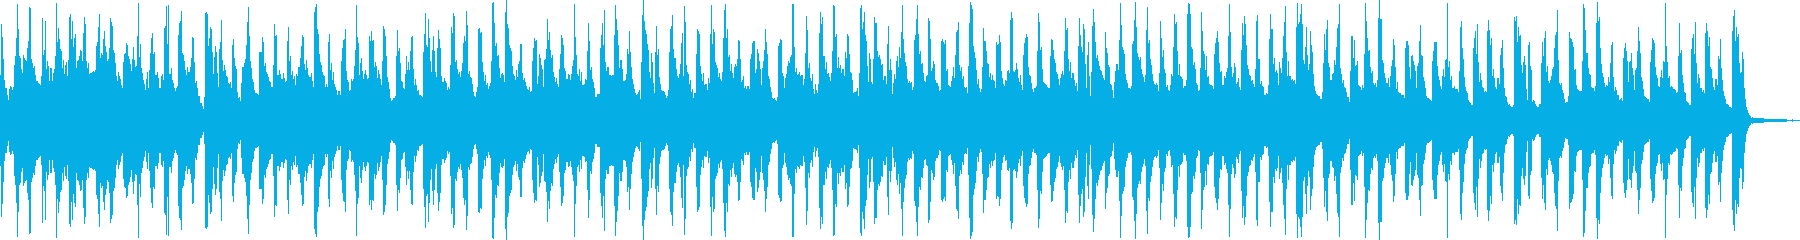 カジノをイメージしたゲームBGMの再生済みの波形